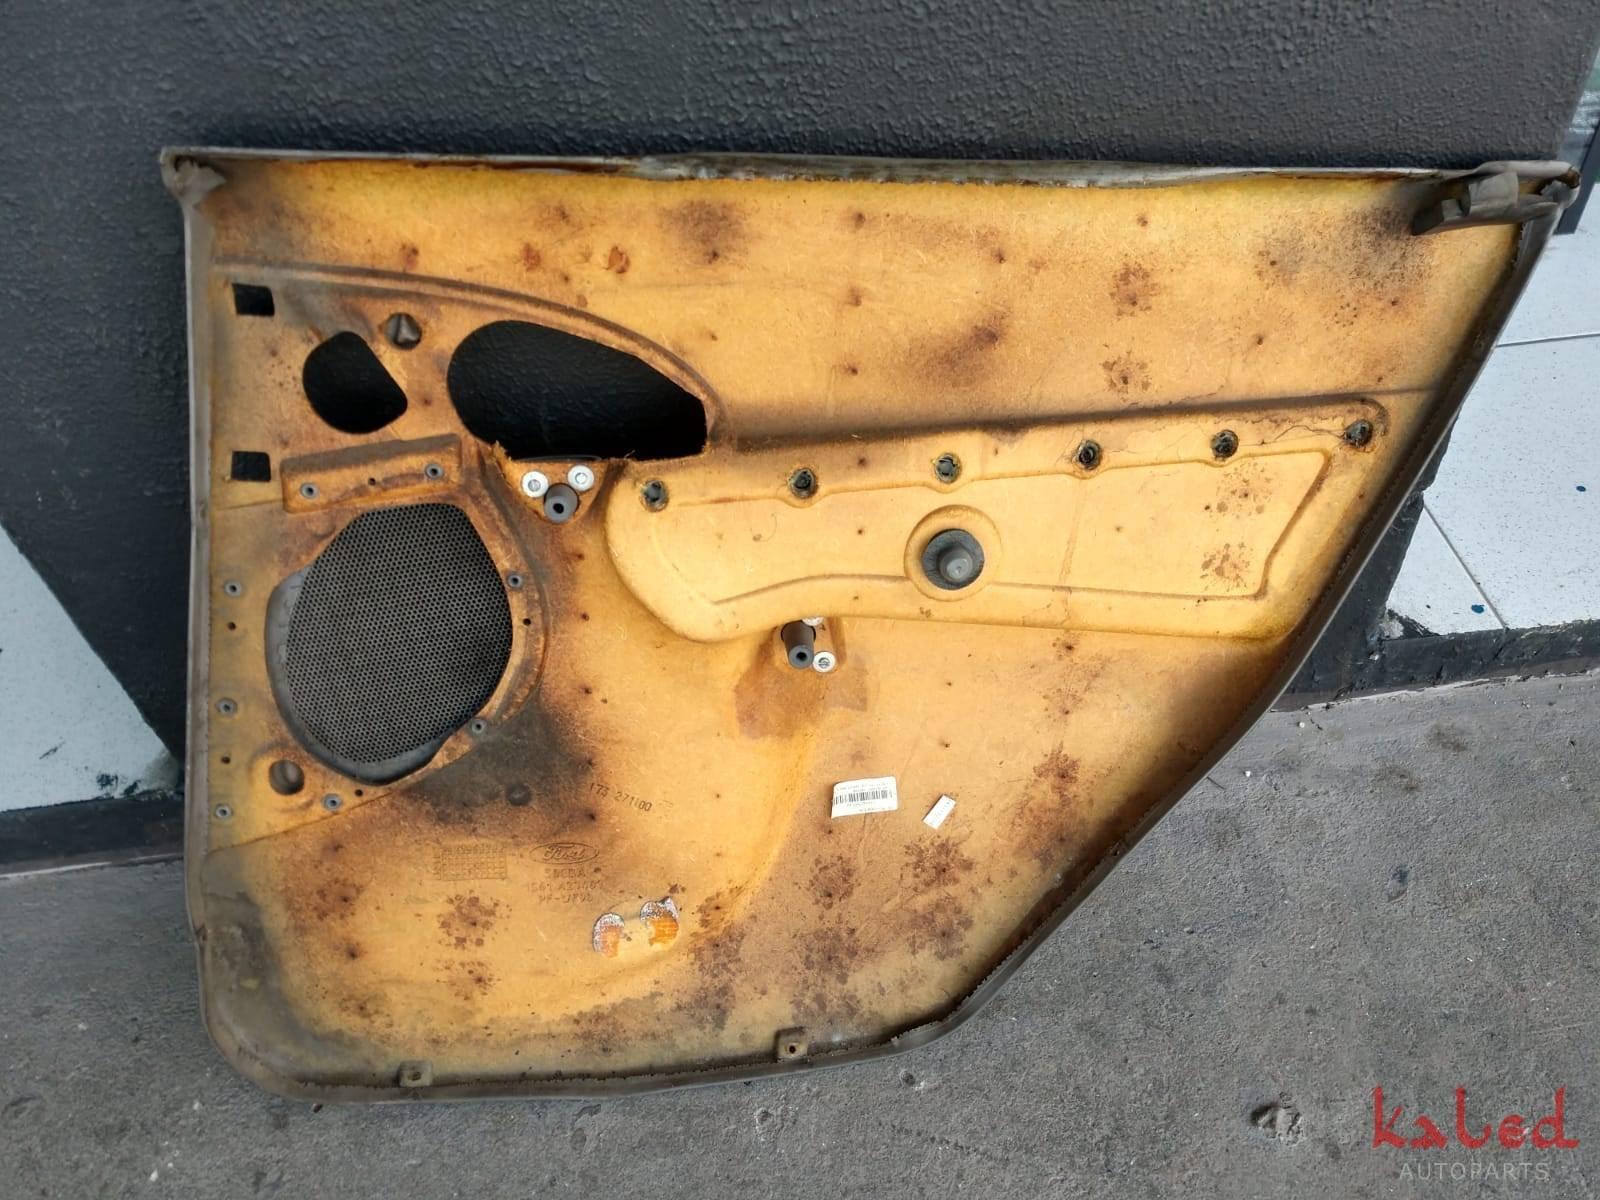 Forro de porta traseiro esquerdo Ford Focus 01/08 Ghia - Kaled Auto Parts